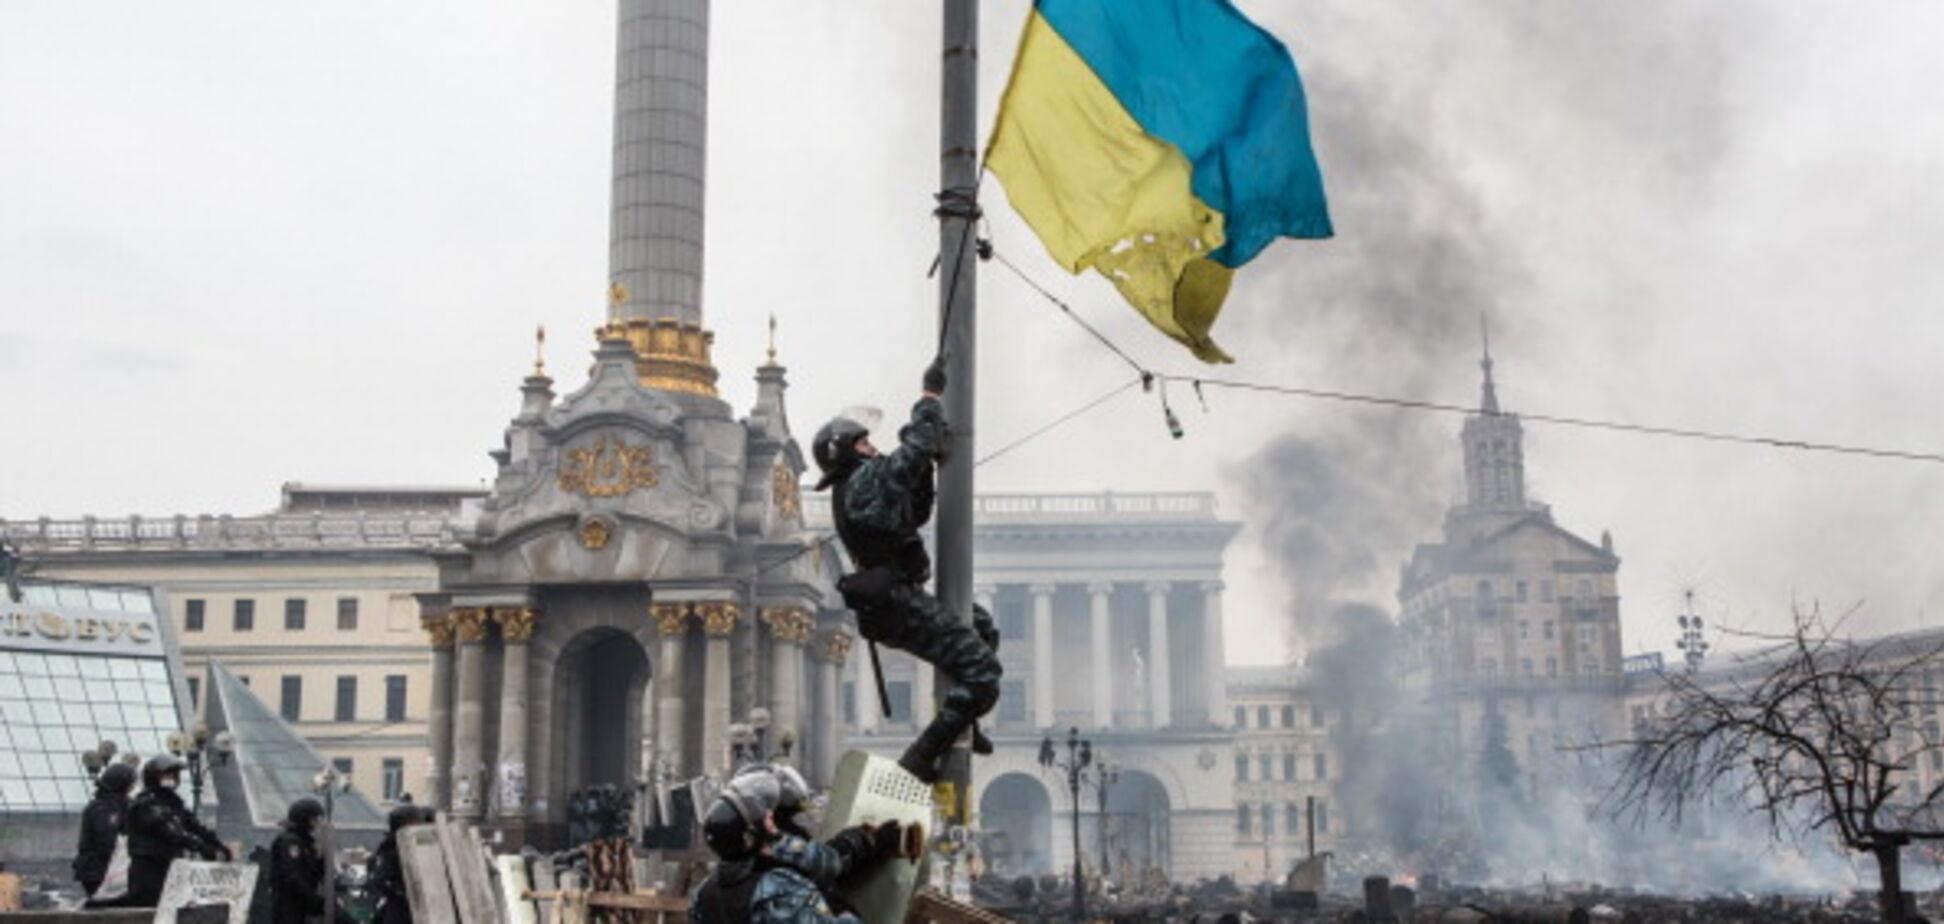 Новый лидер в 2018 году: звезды предупредили о грандиозных политических потрясениях в Украине